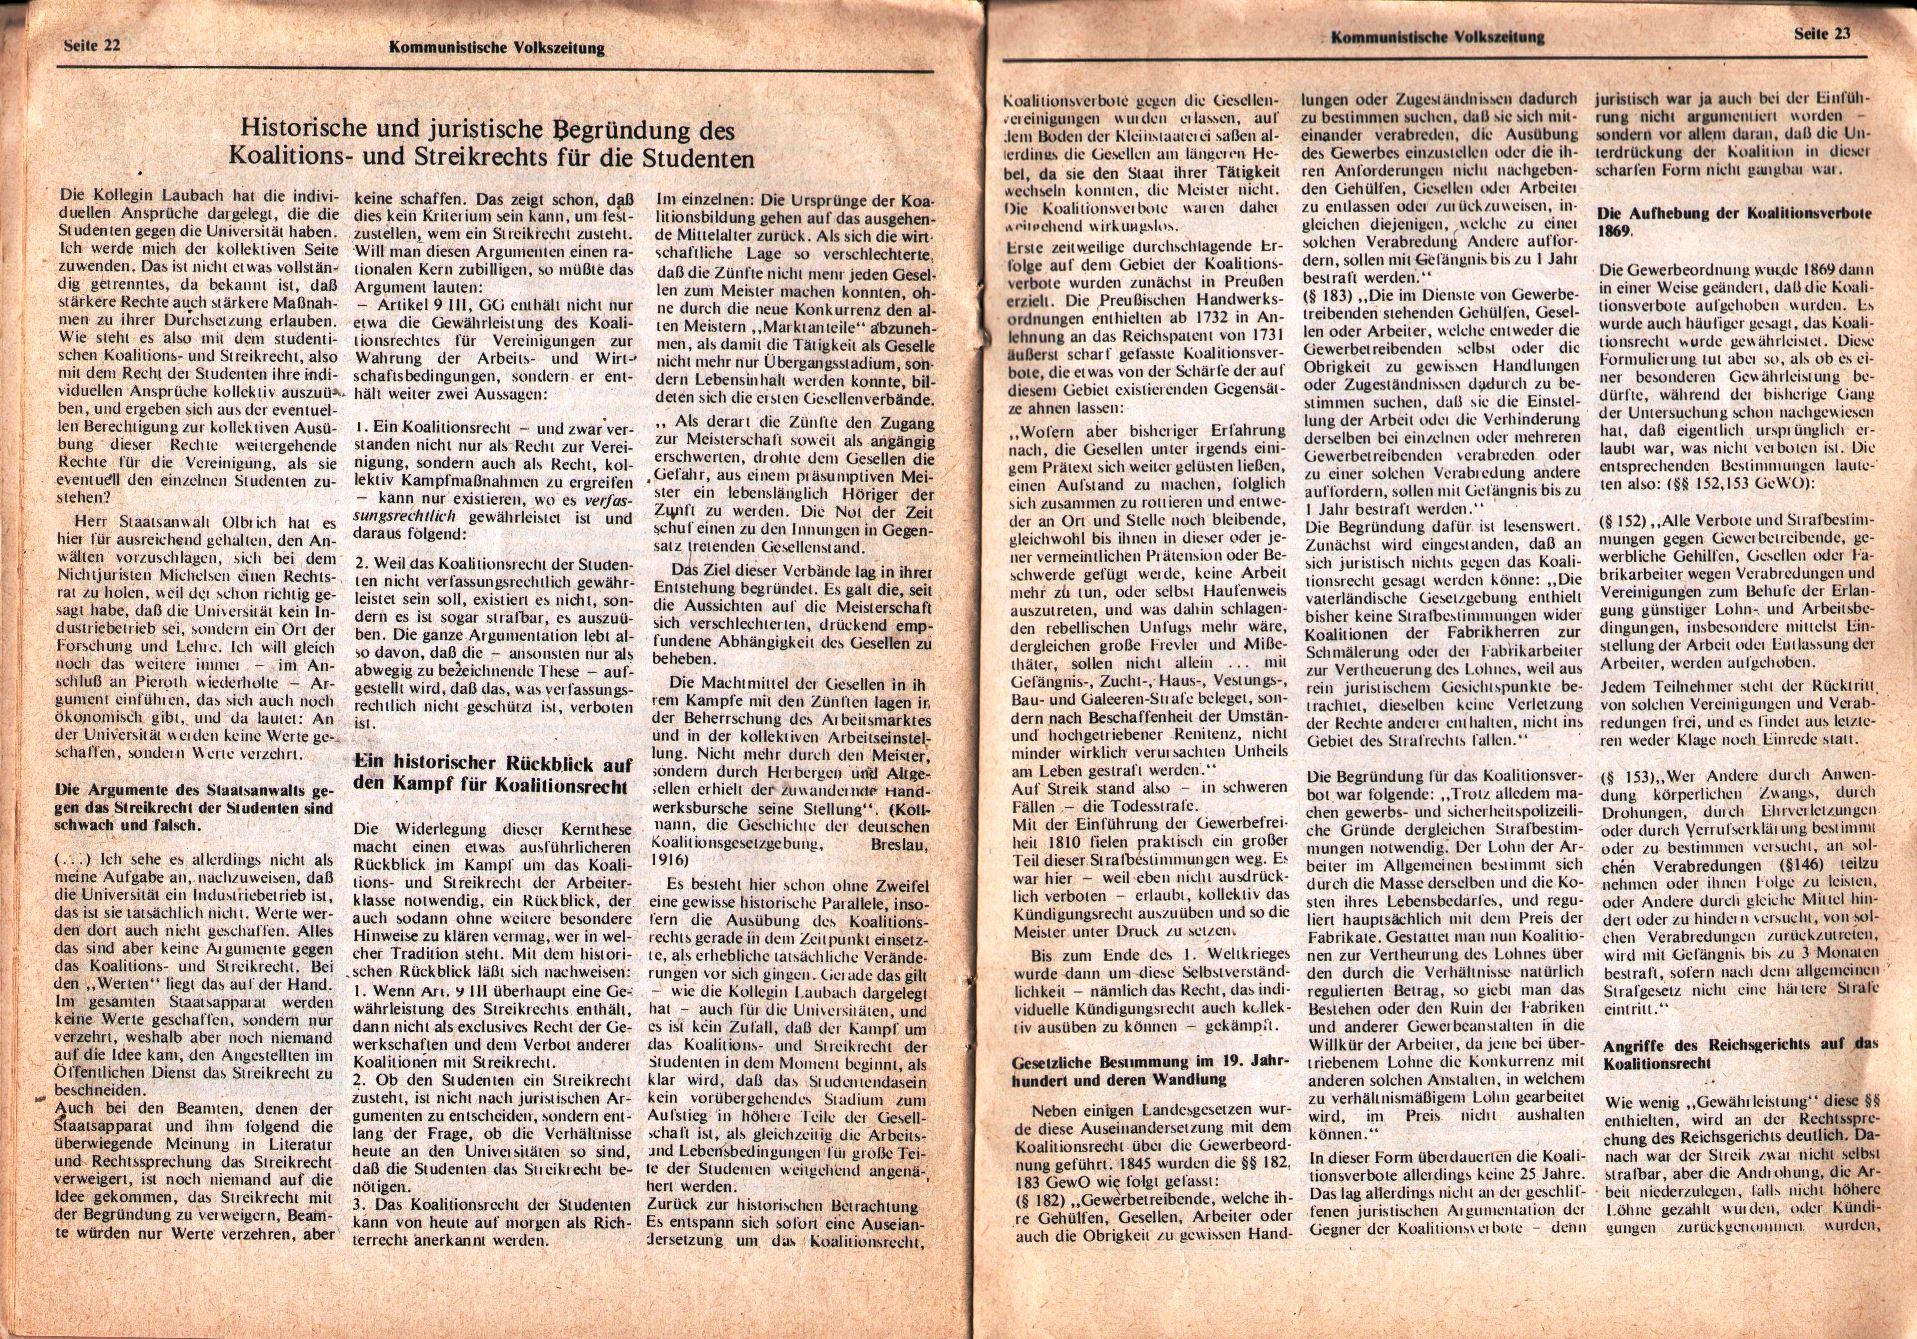 Heidelberg_KHG_1980_Germanistenprozess012